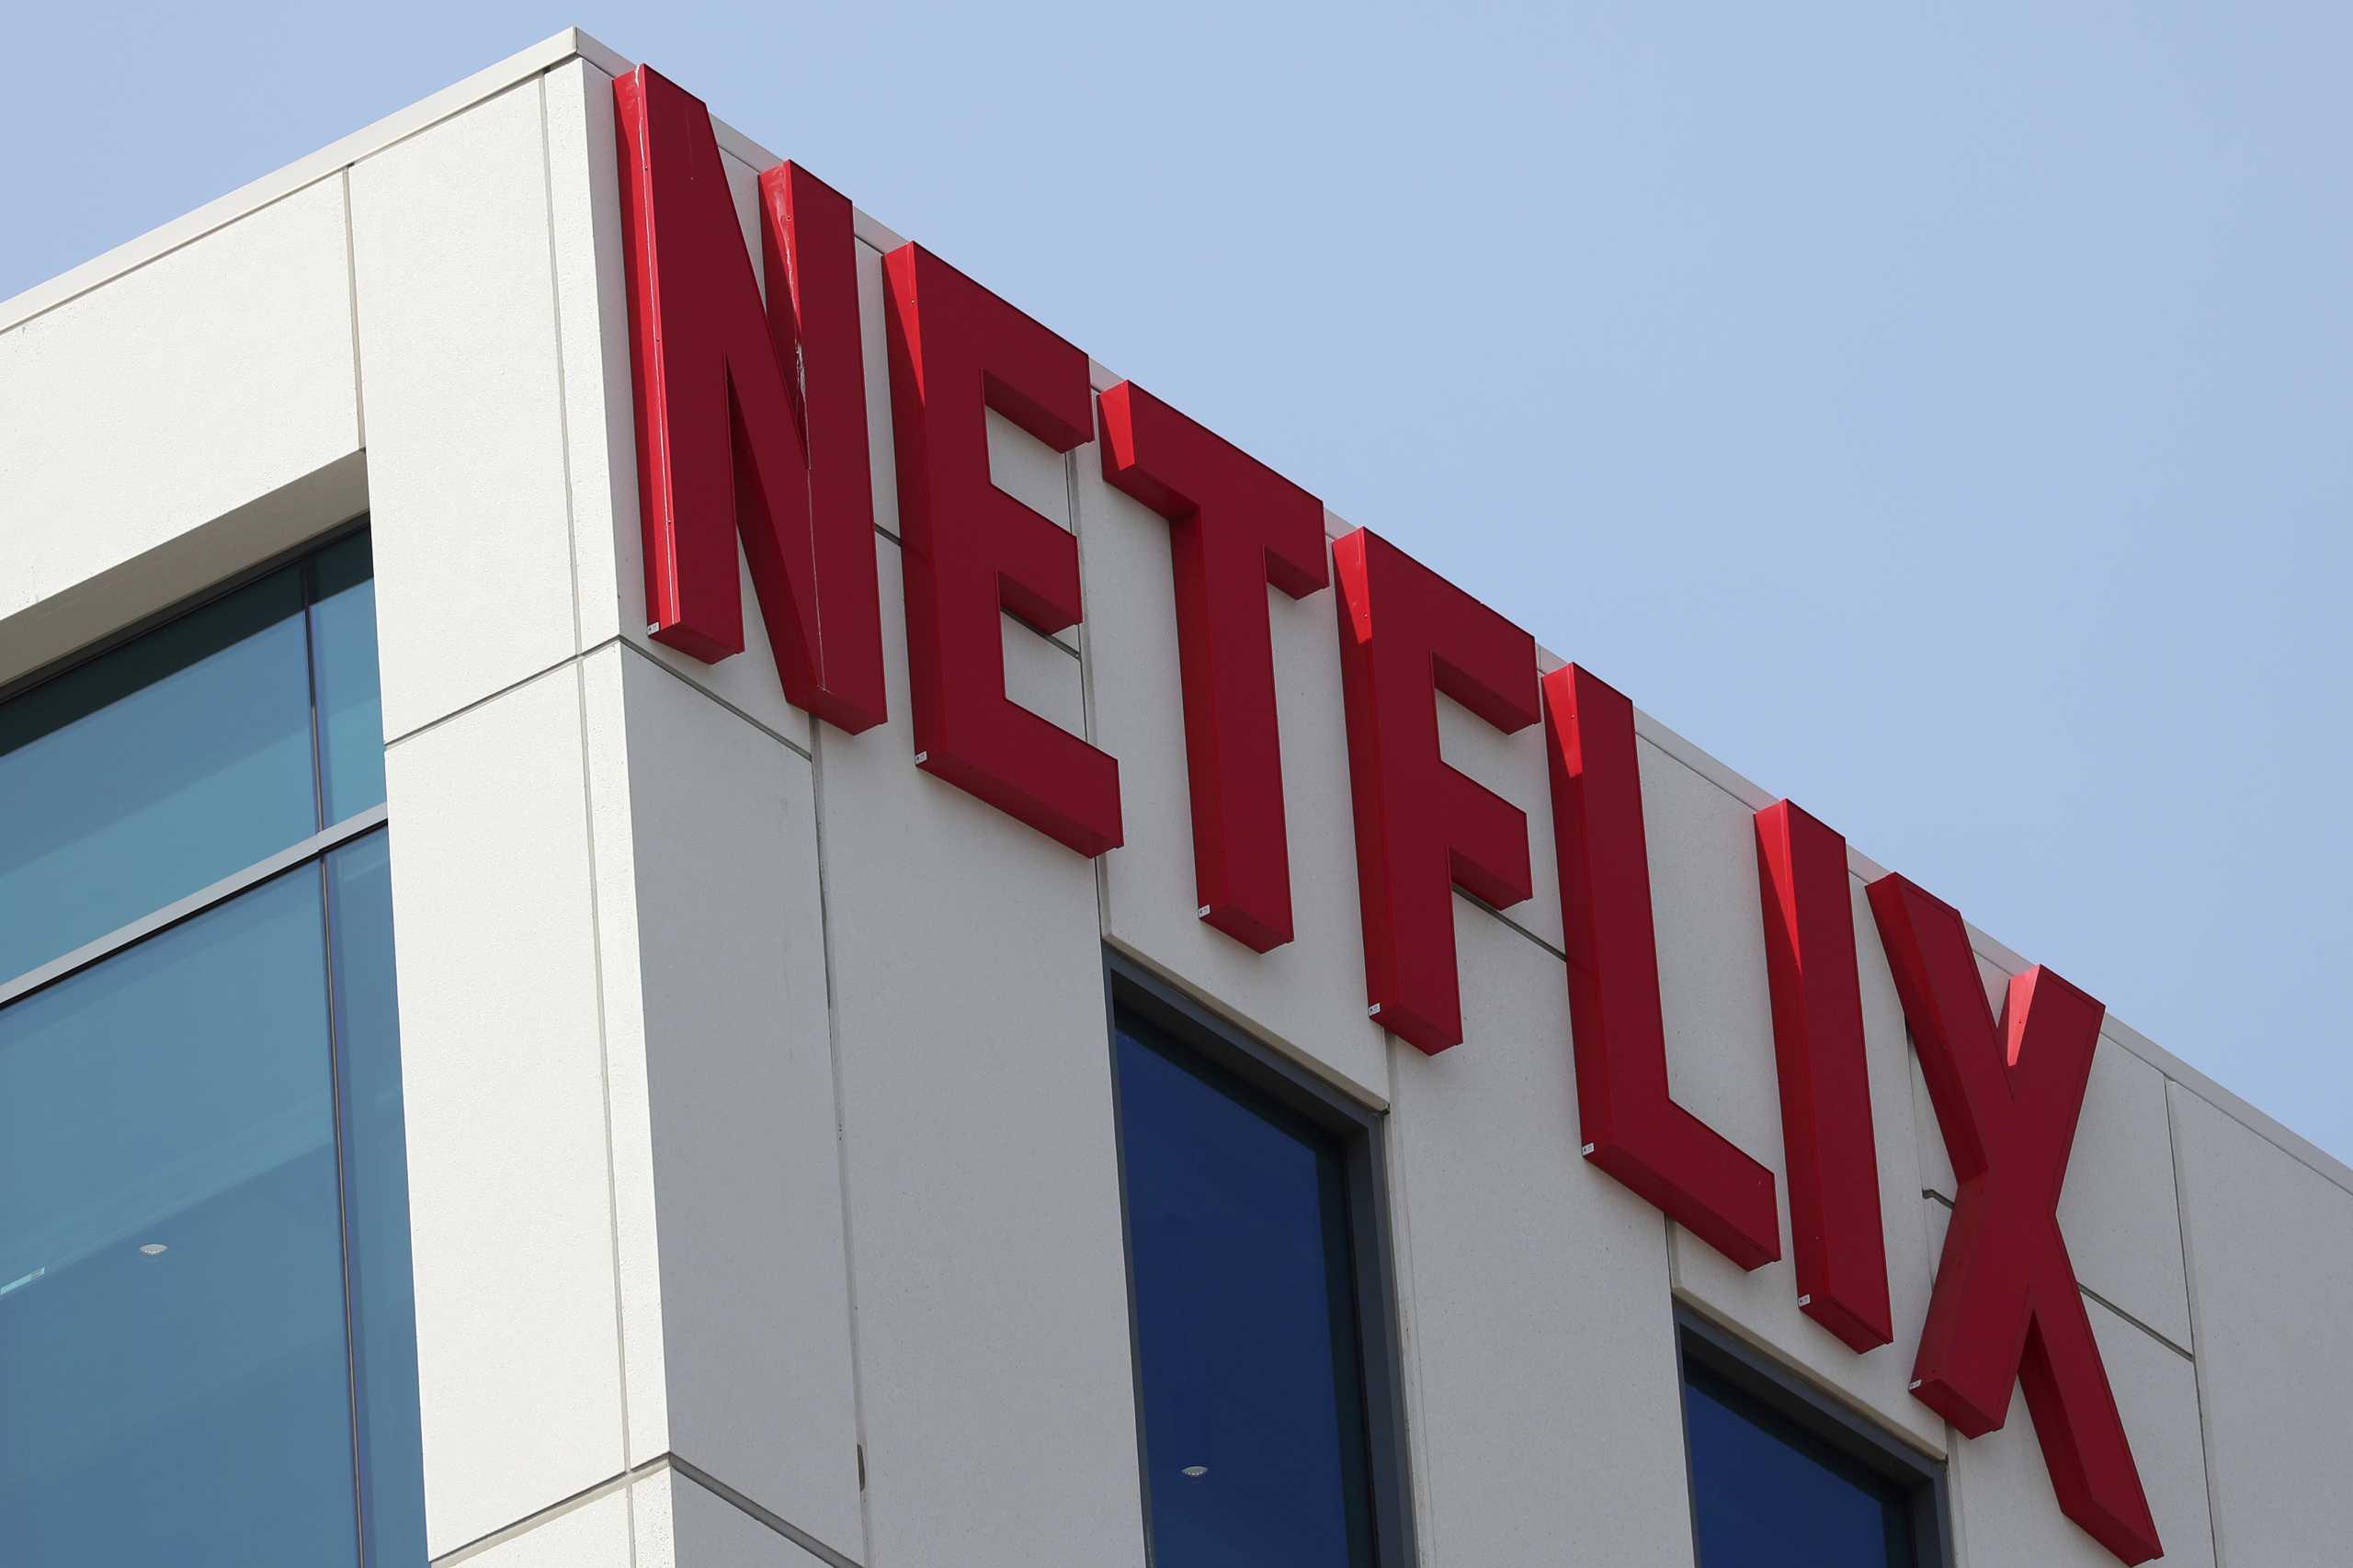 Το Netflix ο μεγάλος νικητής στις υποψηφιότητες για τις Χρυσές Σφαίρες